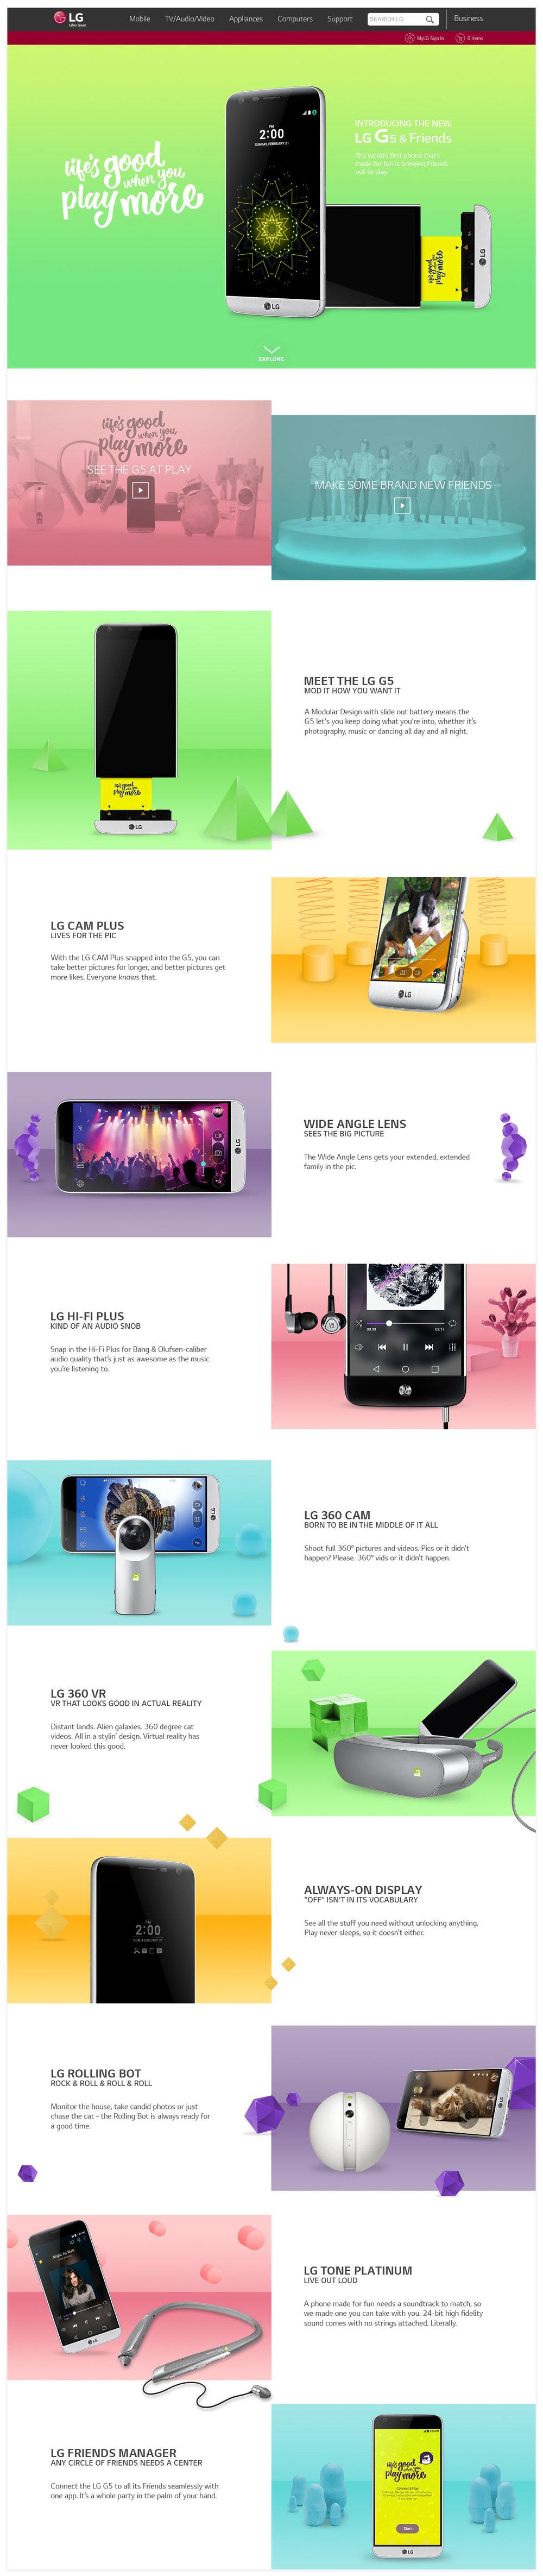 LG-teaser-site.jpg